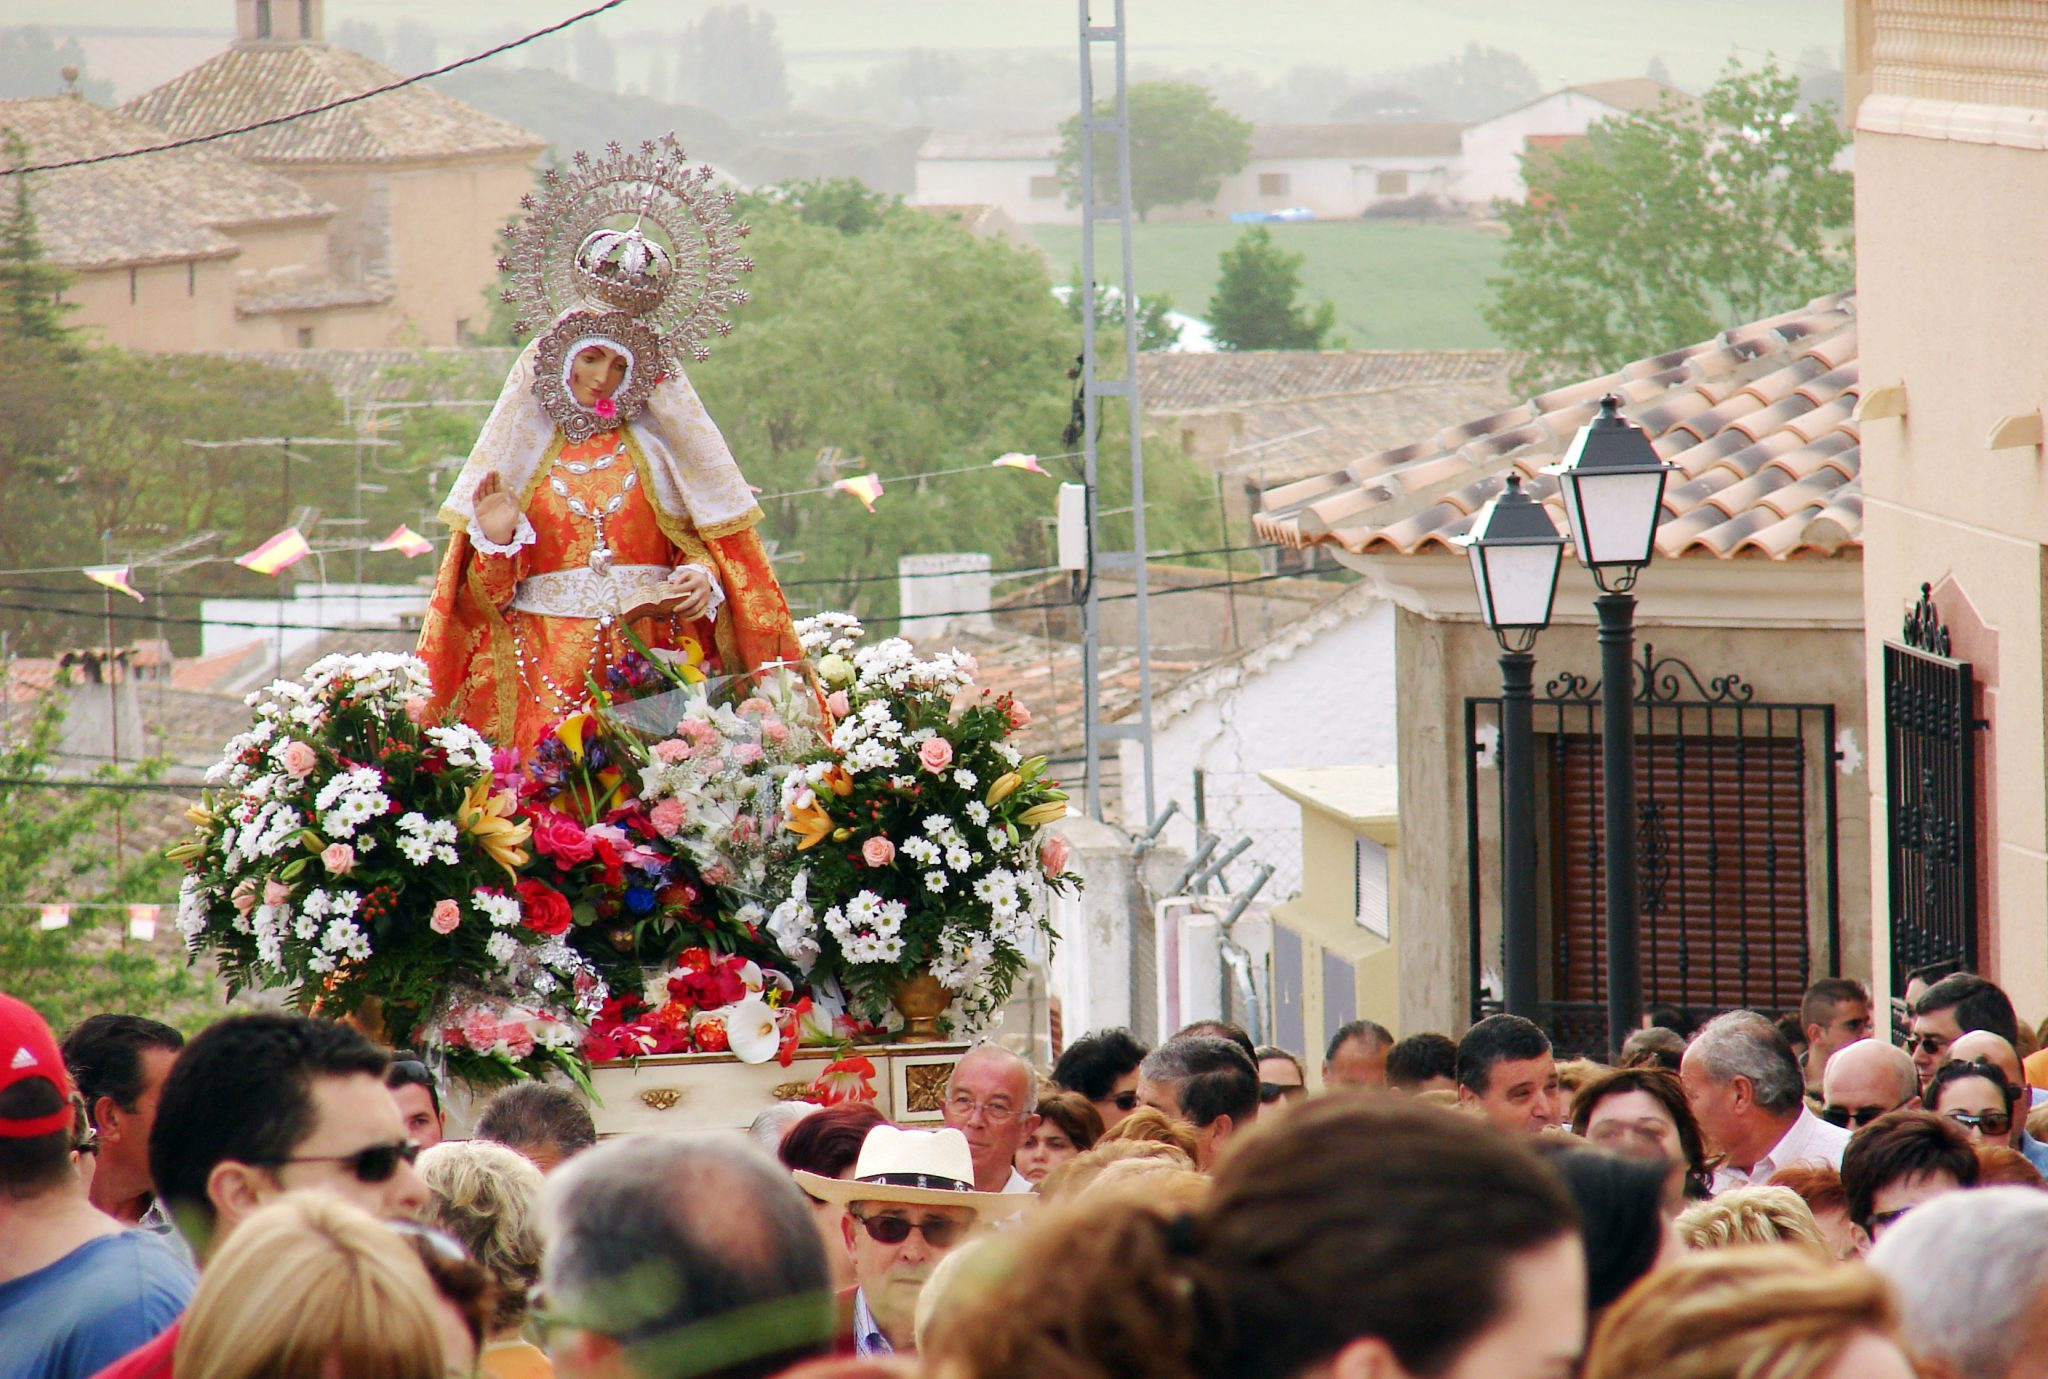 Este Viernes, Acto De Petición De La Patrona Por Parte Del Pueblo De La Roda Al De Fuensanta